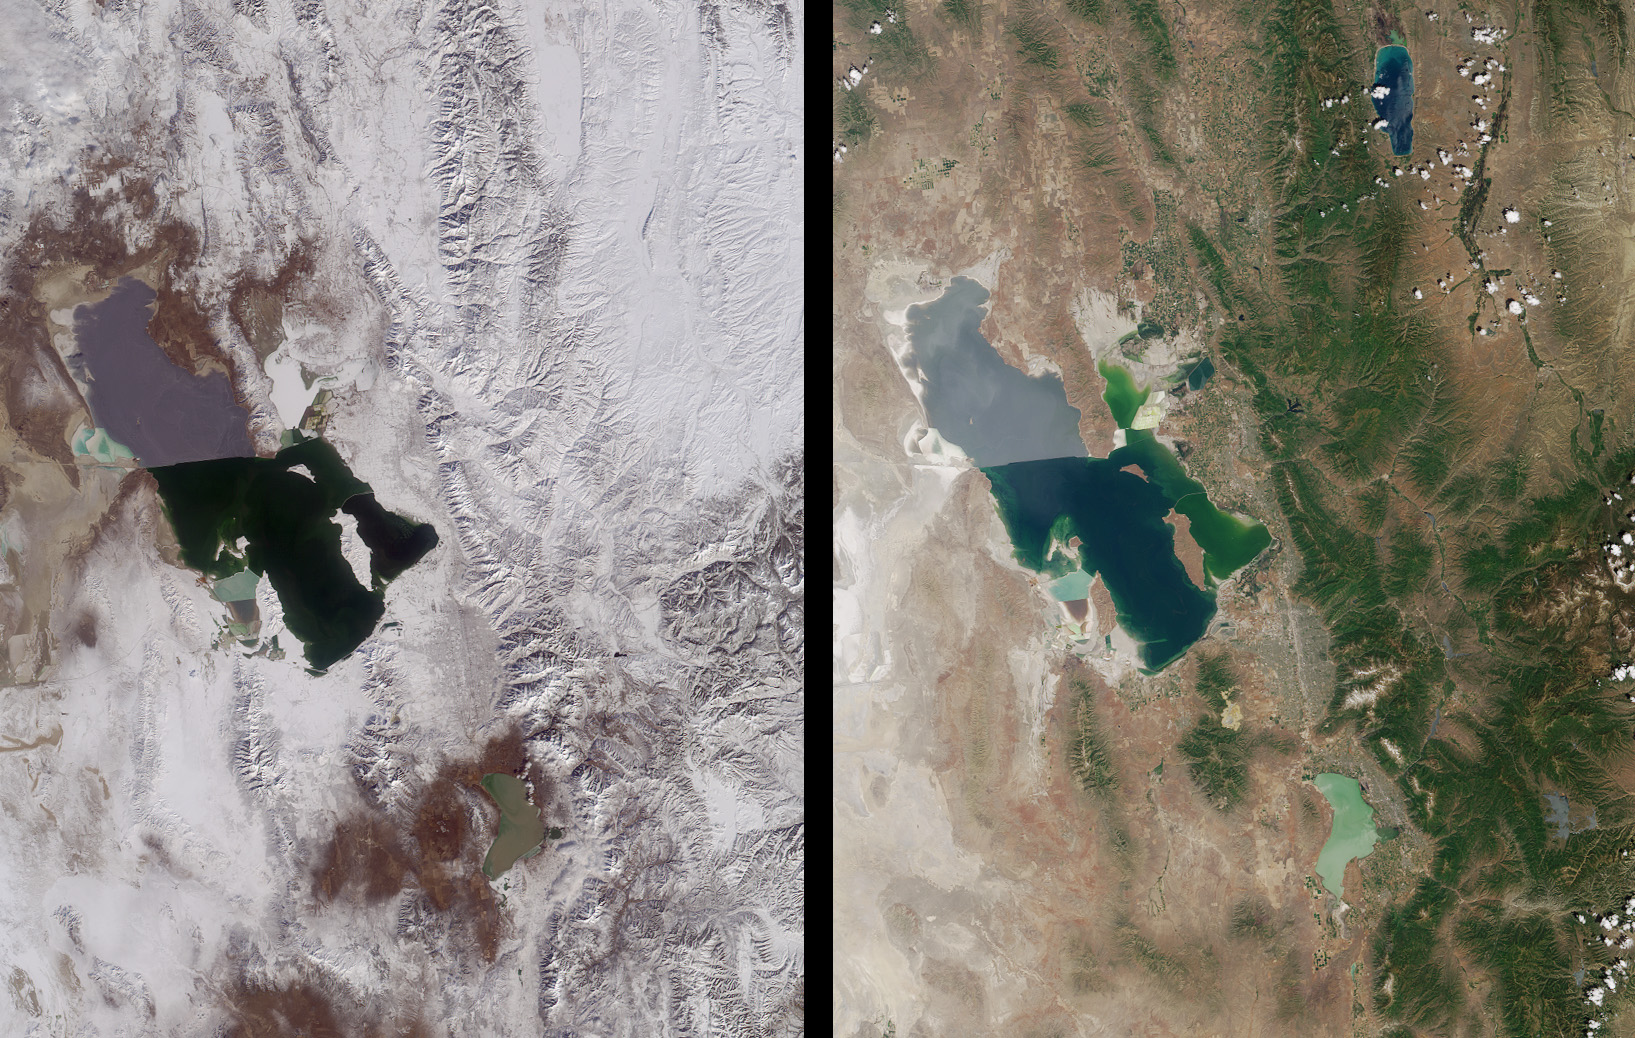 Vistas de Invierno y verano de la región de la Ciudad del Lago Salado